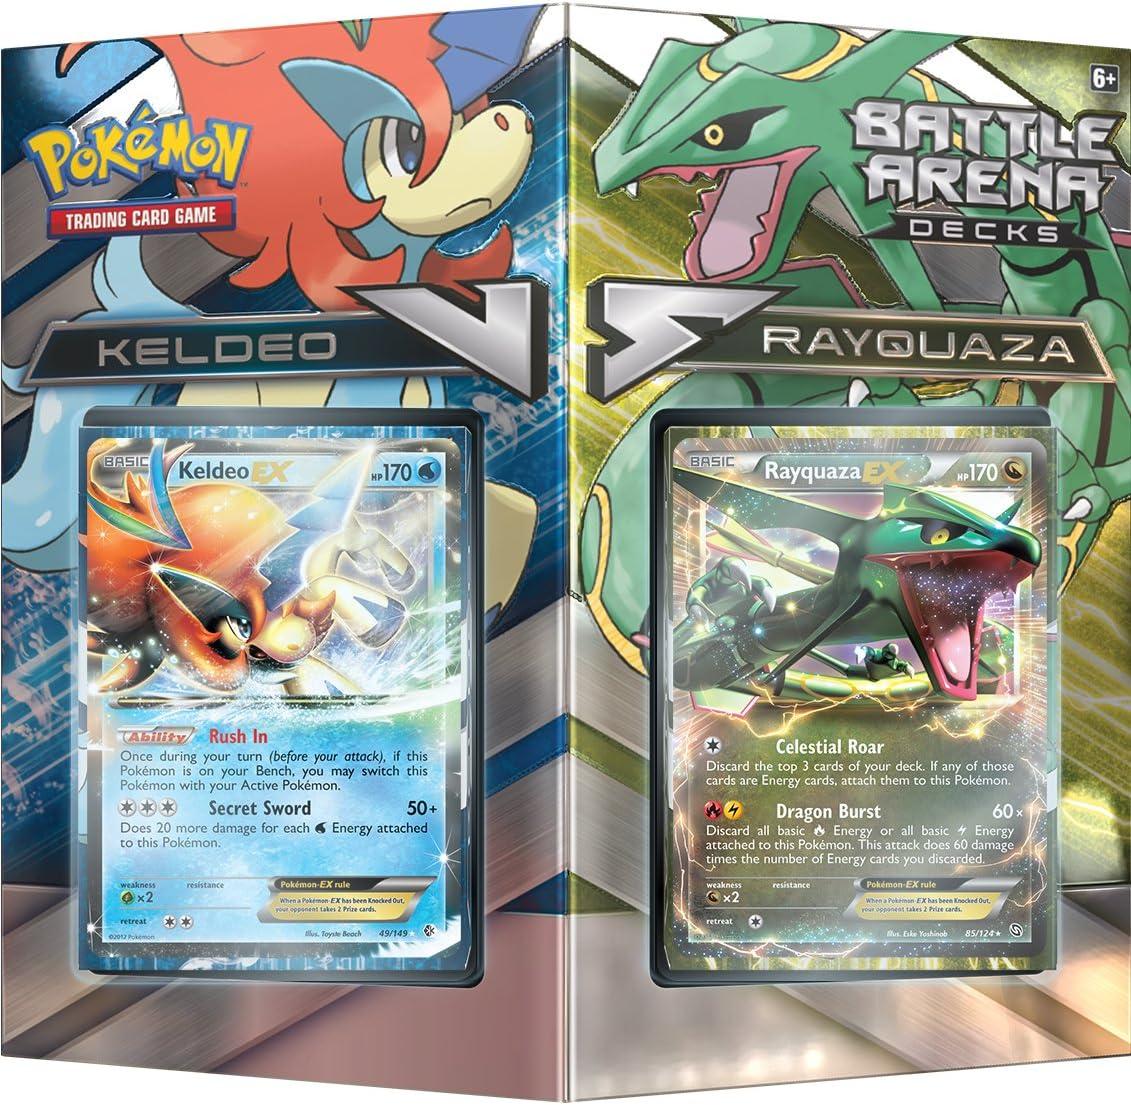 PoKéMoN Juego de Cartas POK80168 TCG Battle Arena Rayquaza vs Keldeo: Amazon.es: Juguetes y juegos